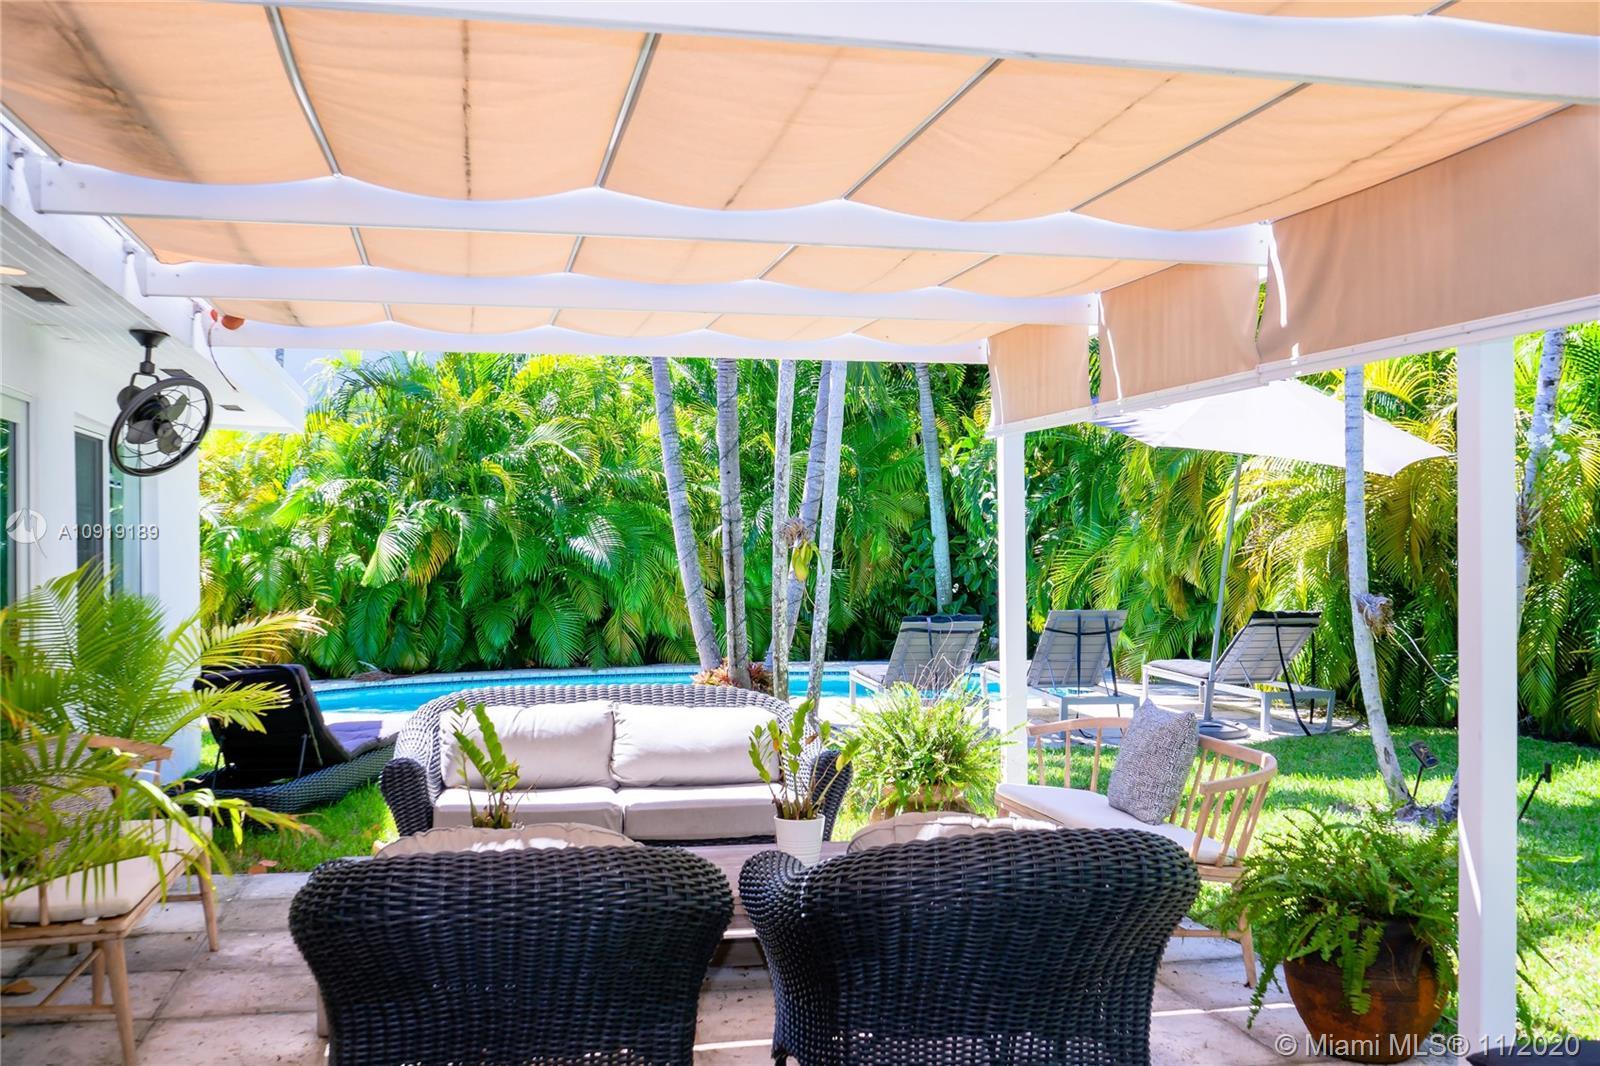 Tropical Isle Homes # photo10